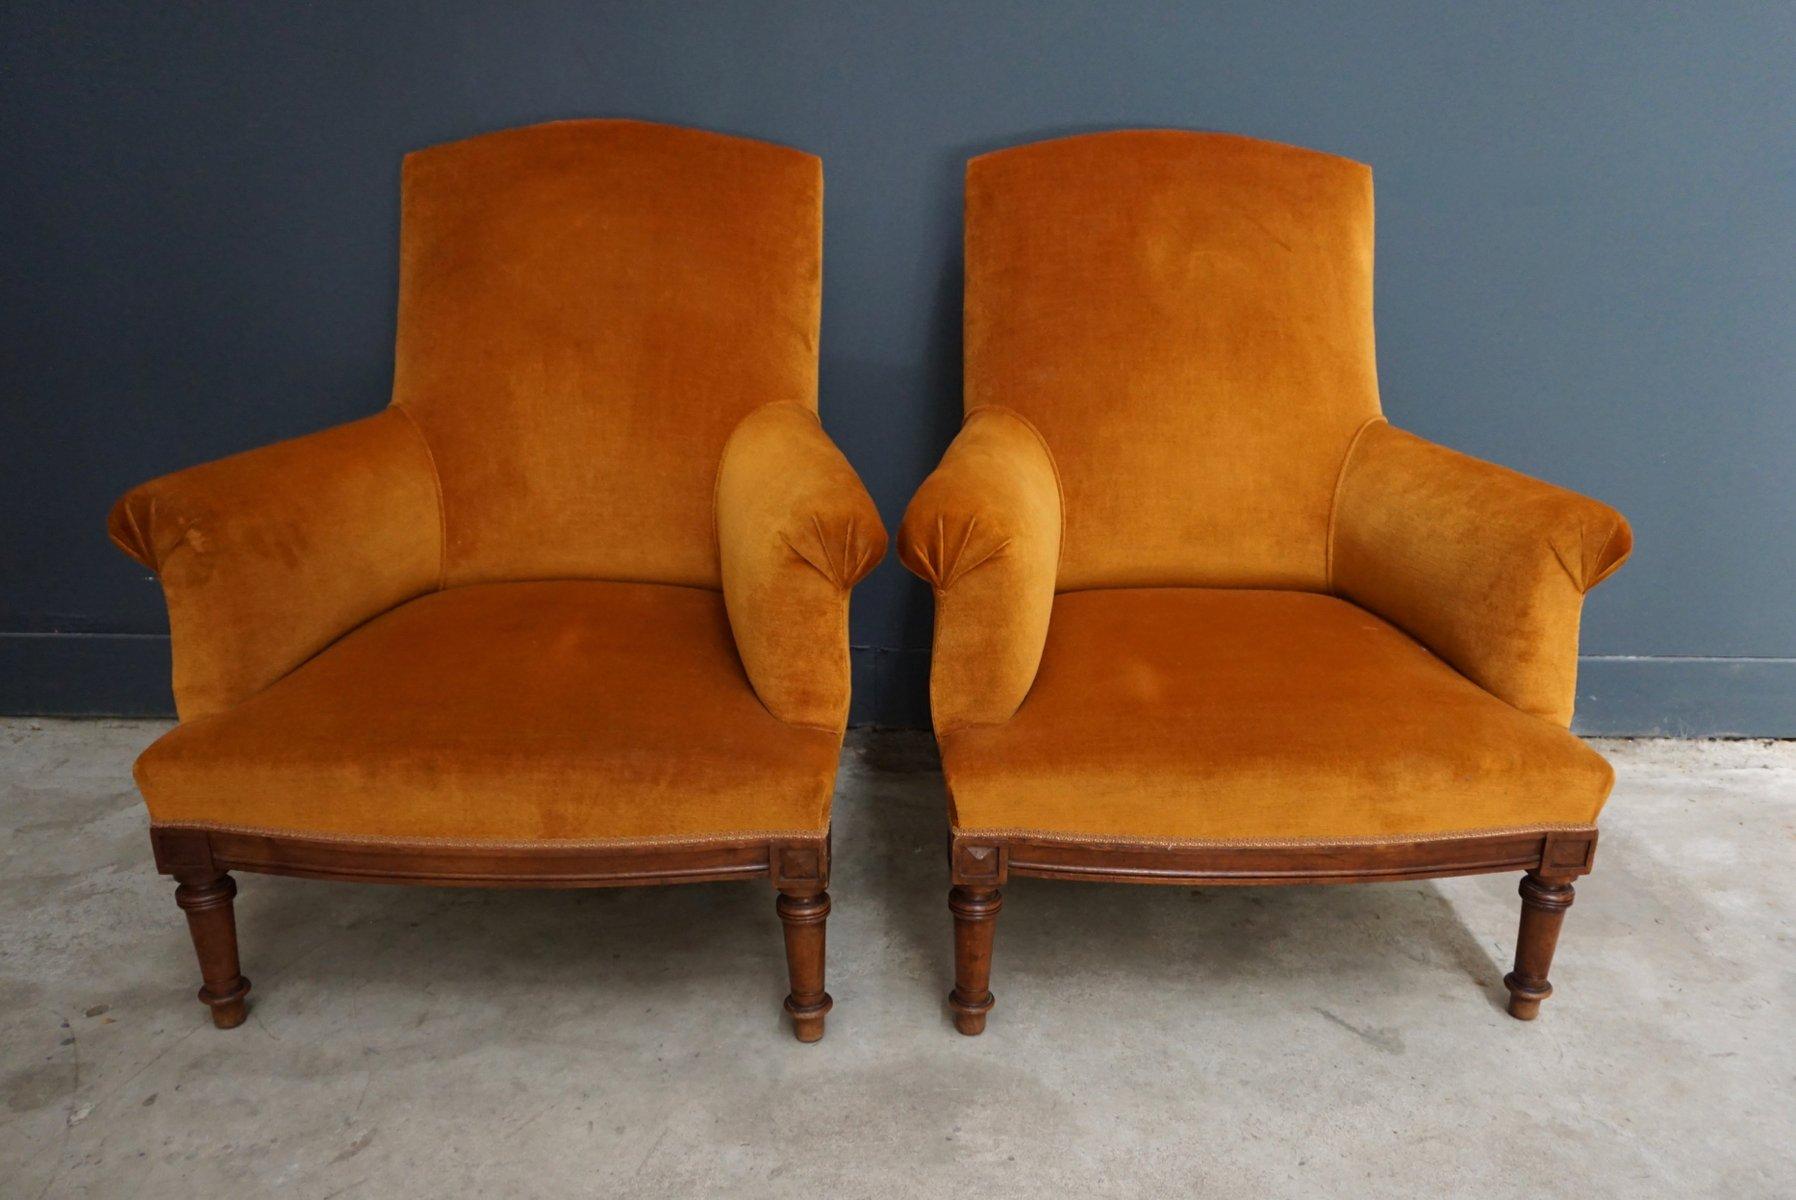 Französische vintage Sessel aus orangefarbenem Samt & Walnuss, 2er Set